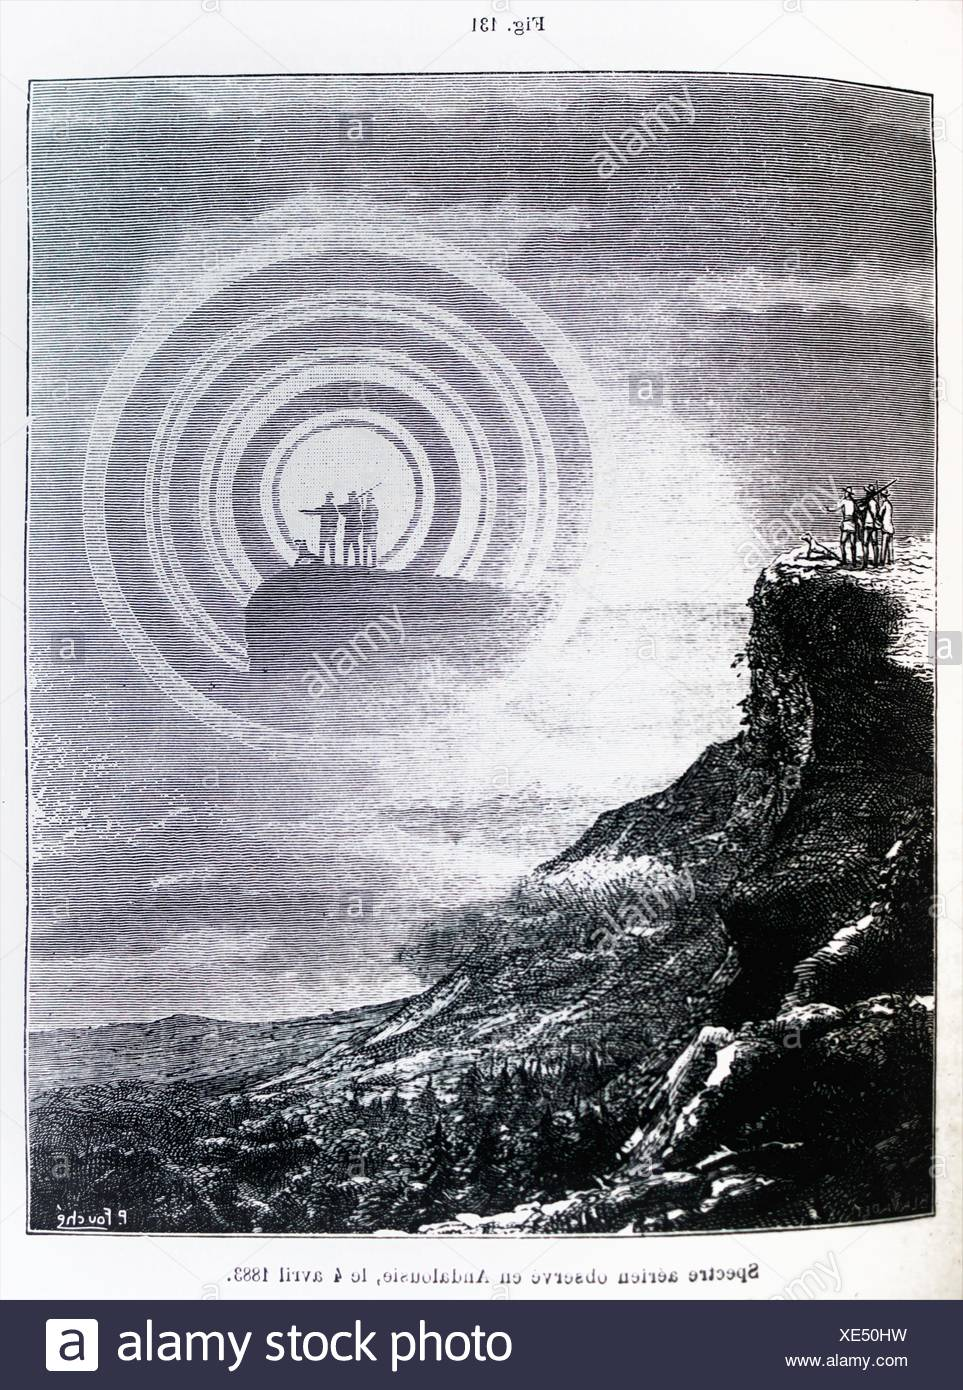 ´Spectre aérien observé en Andalousie, le 4 avril 1883 ´, ´L´Astronomie´ journal by Camille Flammarion, 1883 - Stock Image